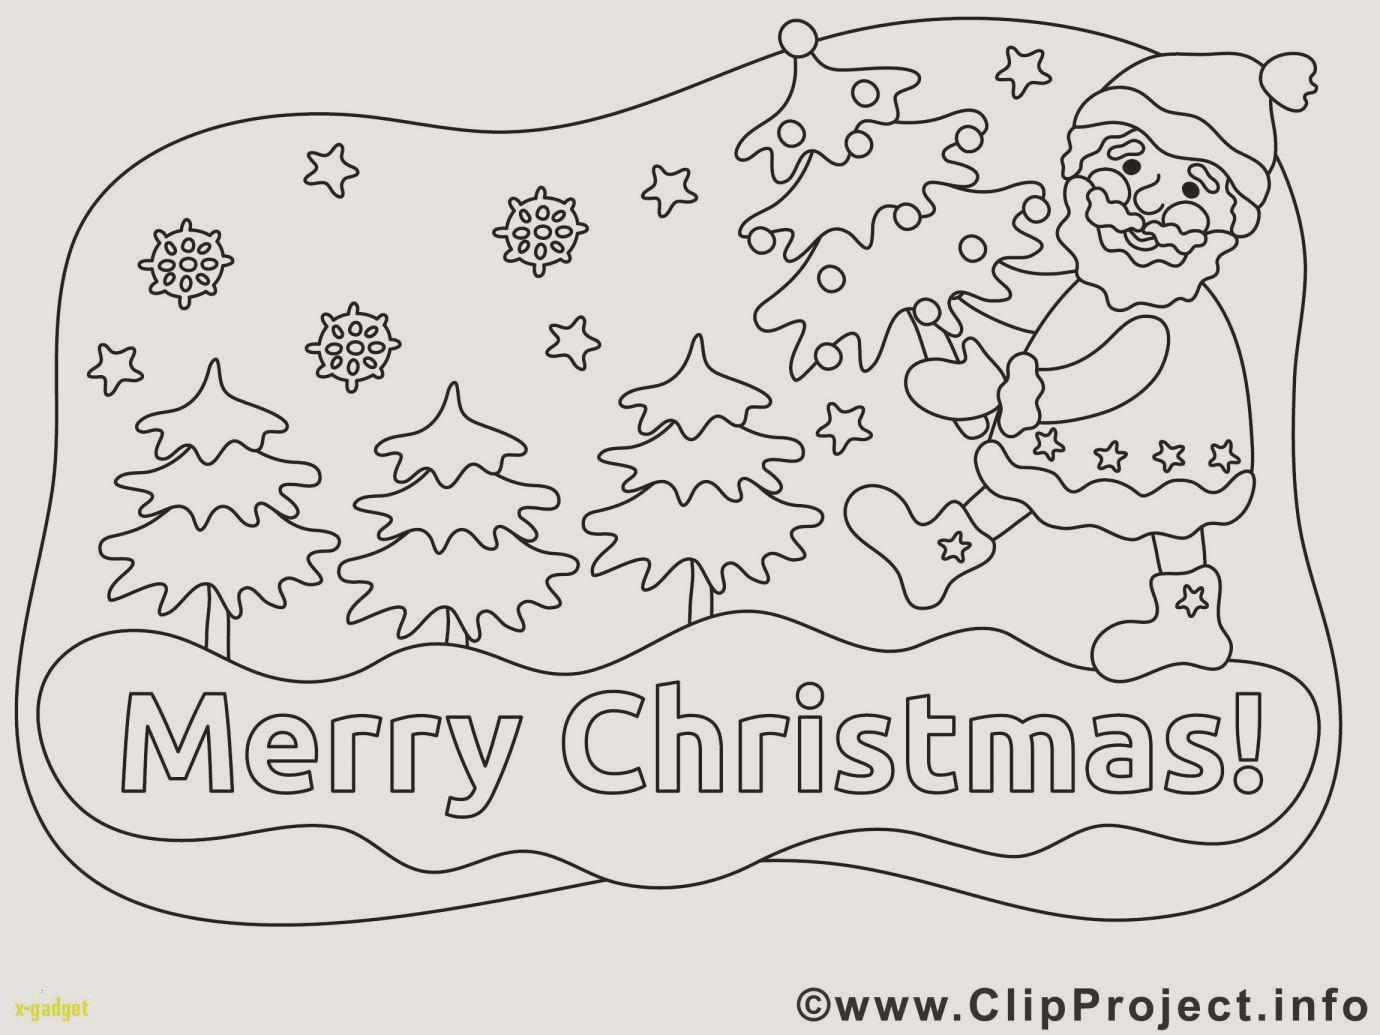 Ausmalbilder Weihnachten Schwer Neu Weihnachts Ausmalbilder Zum Ausdrucken Das Bild